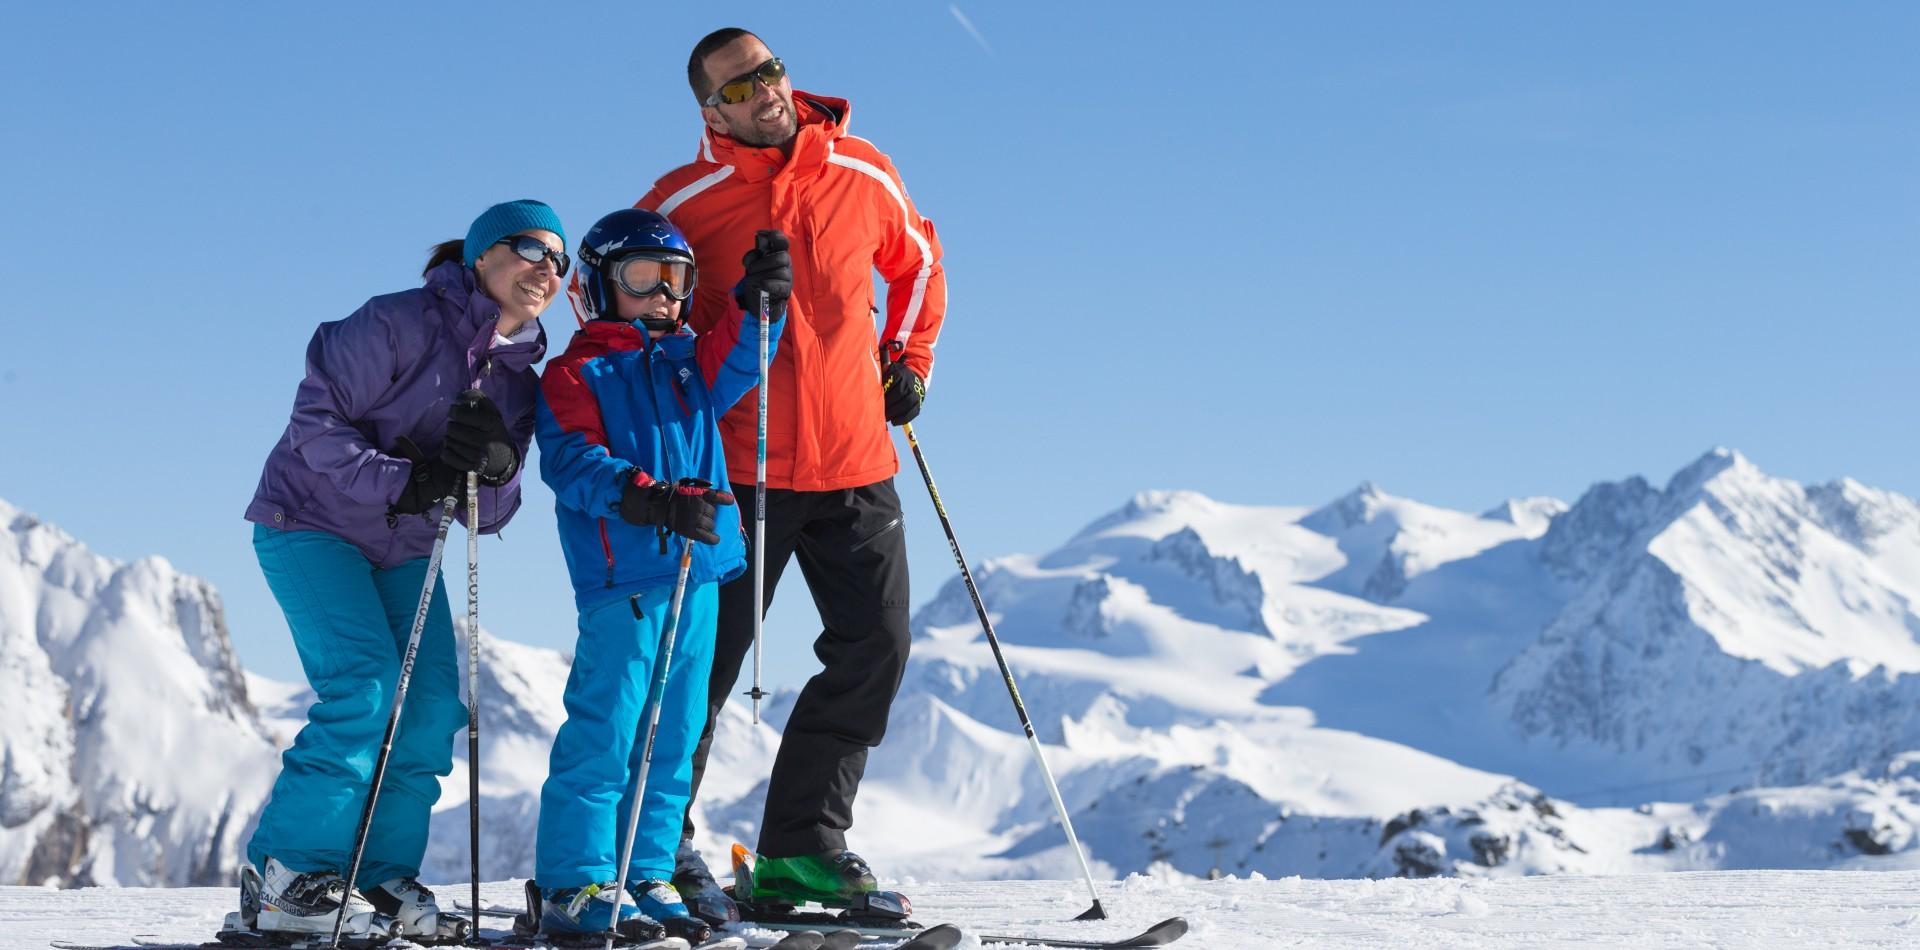 A proximité des grands domaines skiables